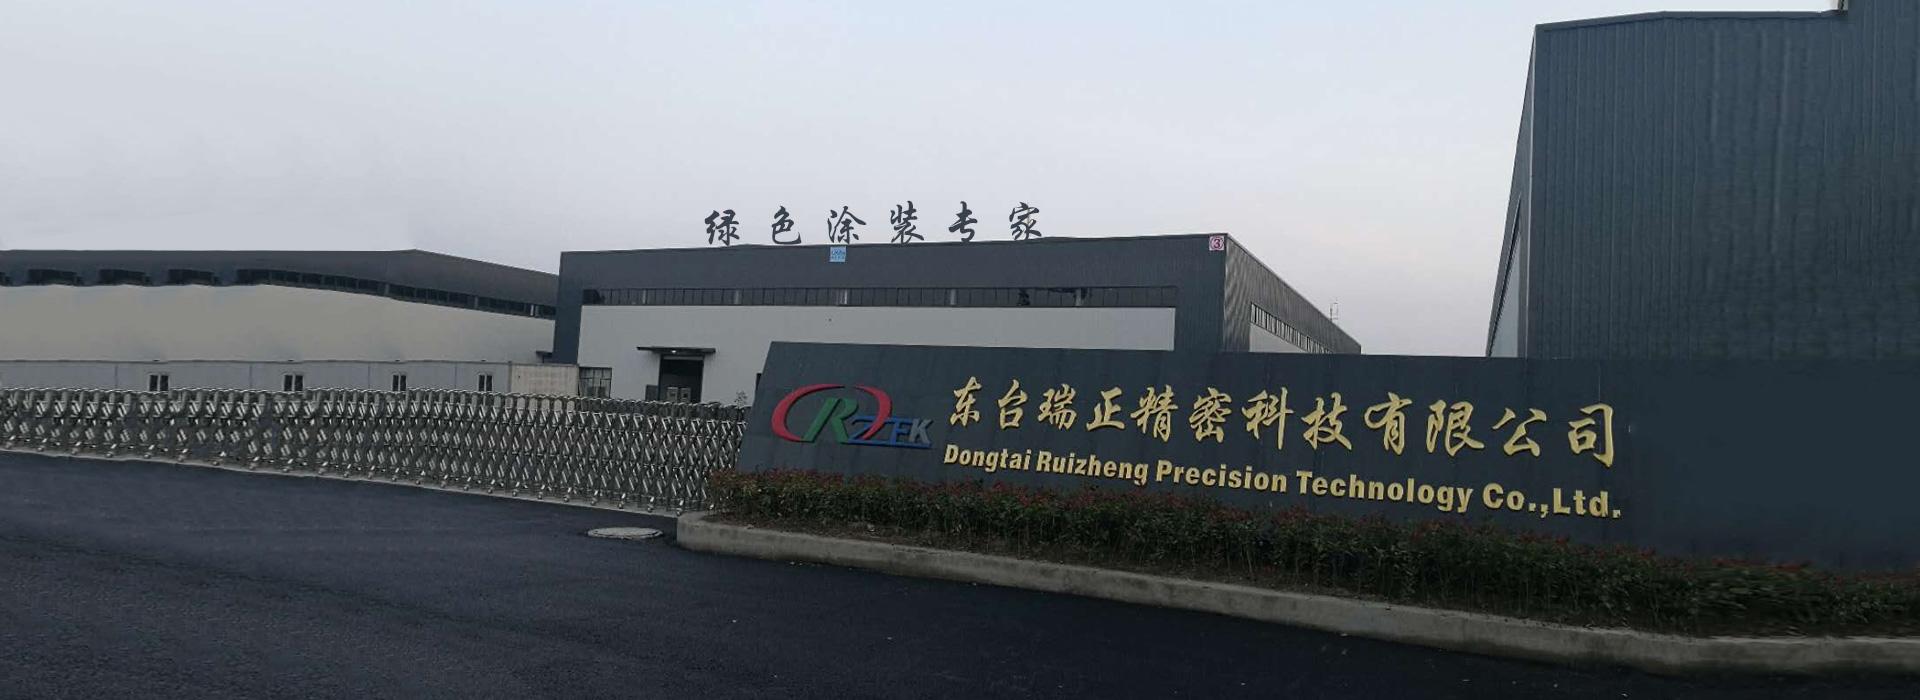 东台瑞正精密科技有限公司